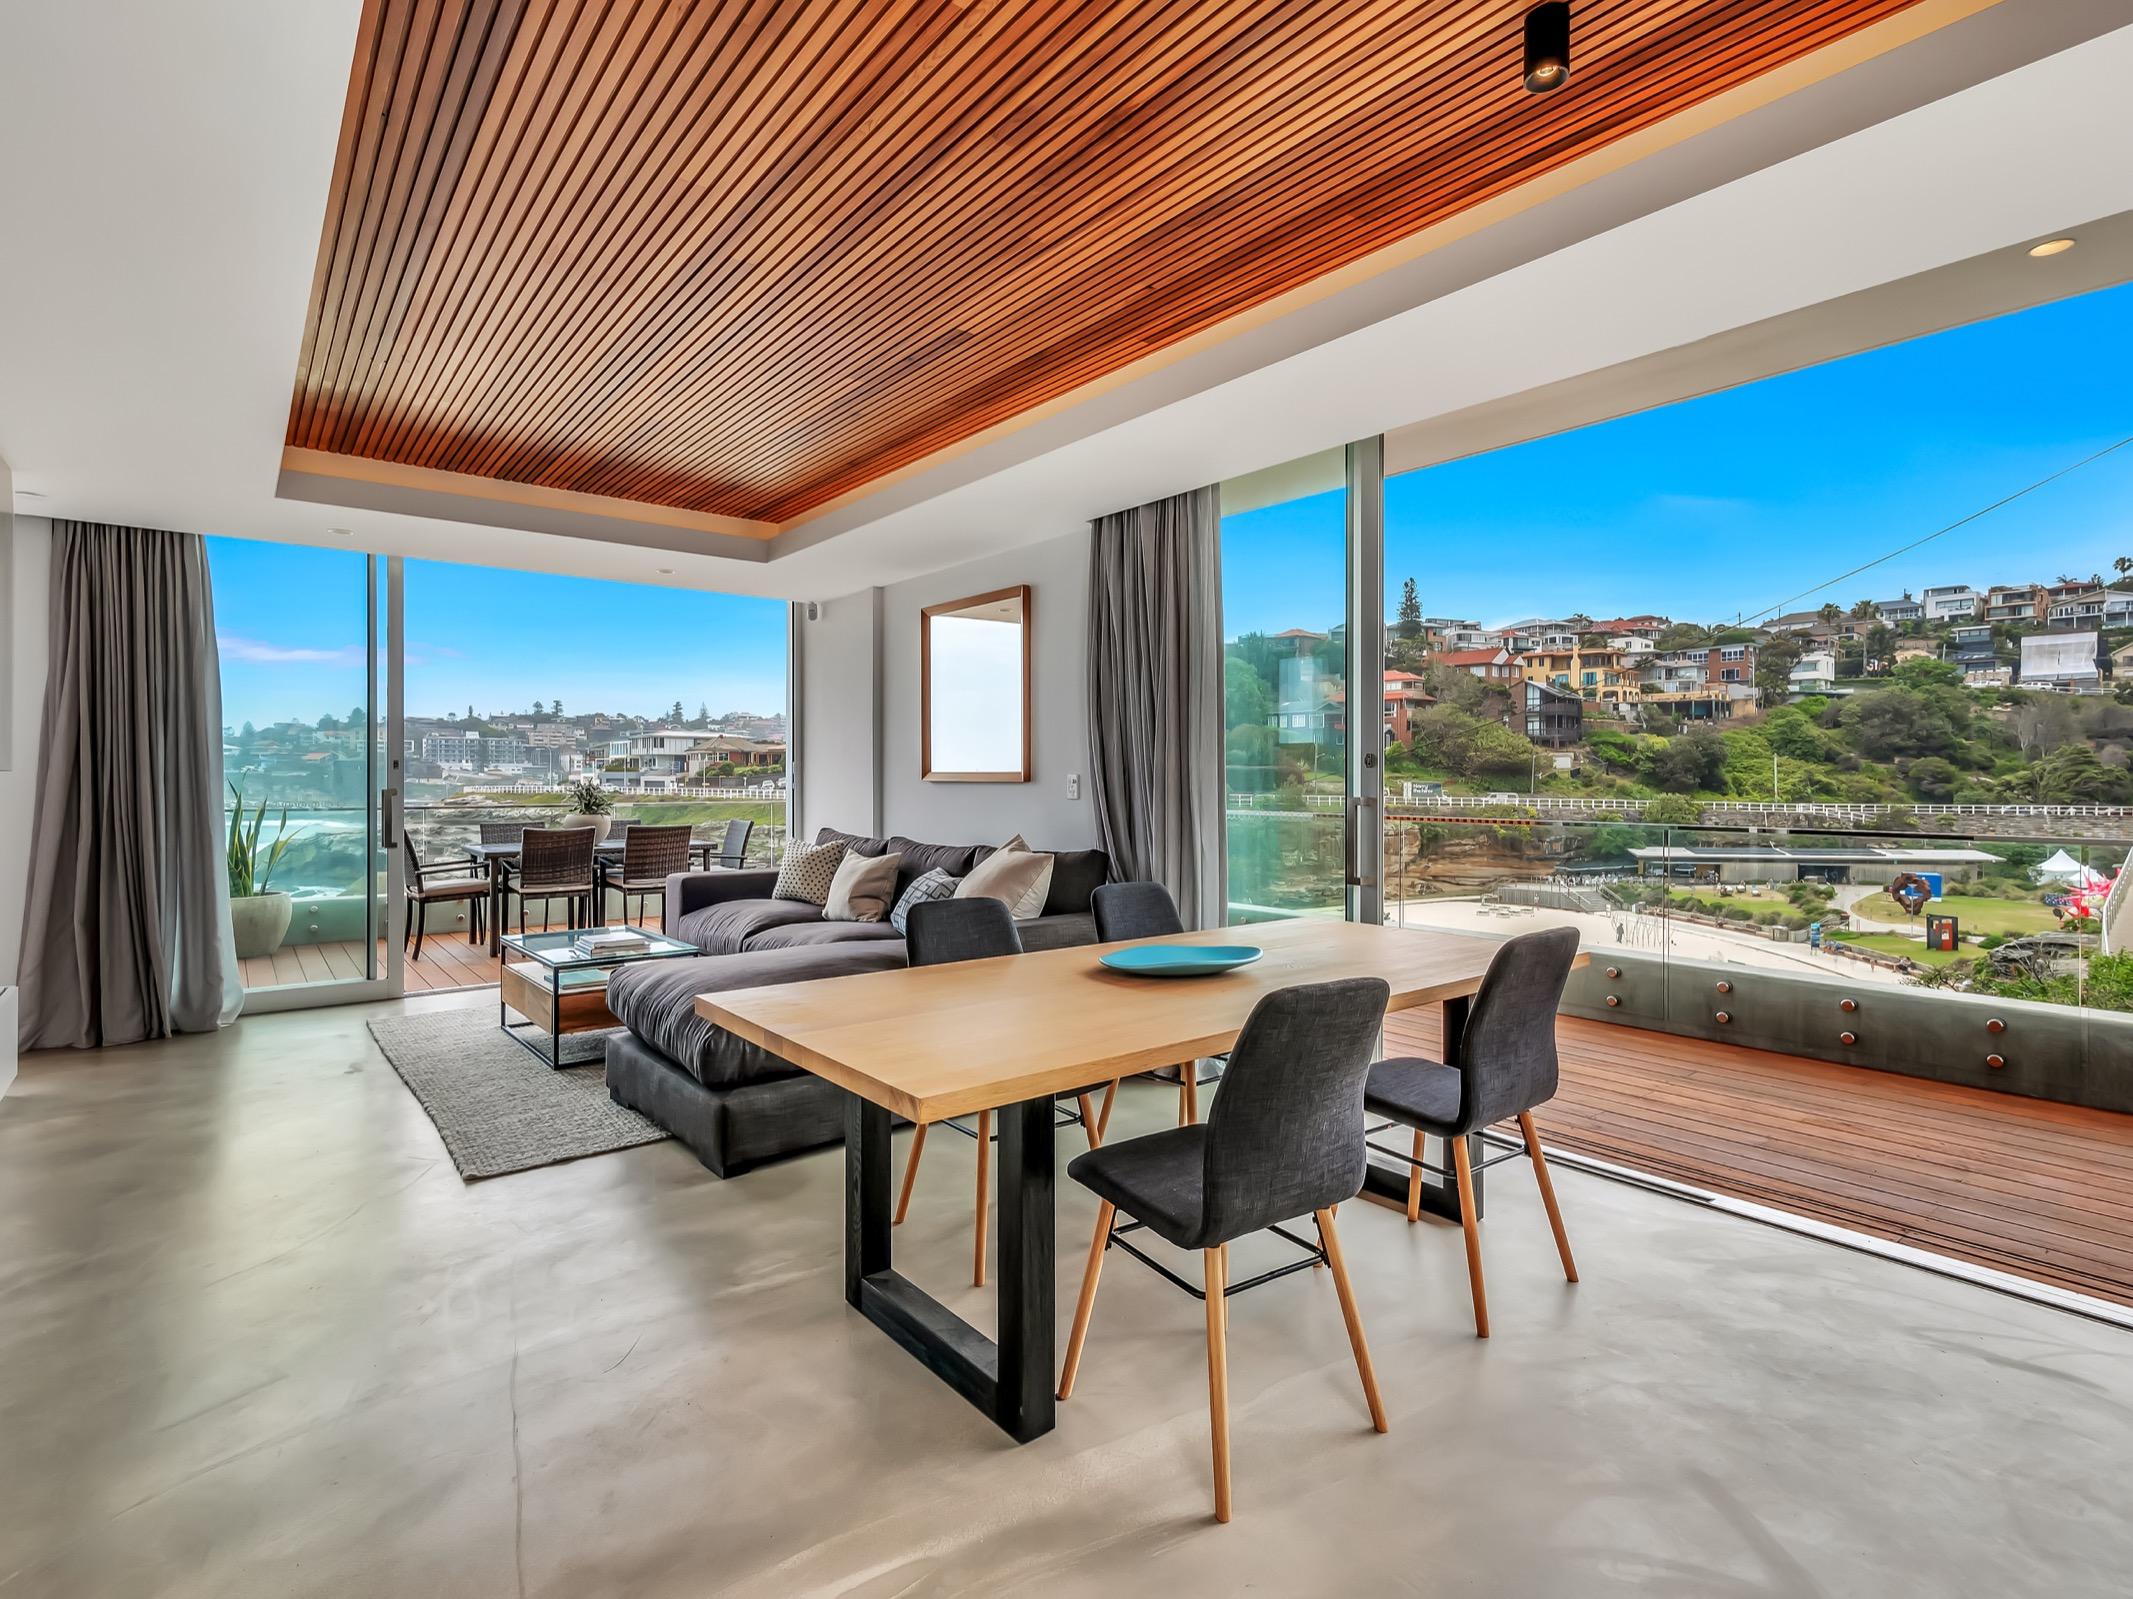 Beachfront Suite Tamarama. Bondi Beach Holiday Homes16.jpg